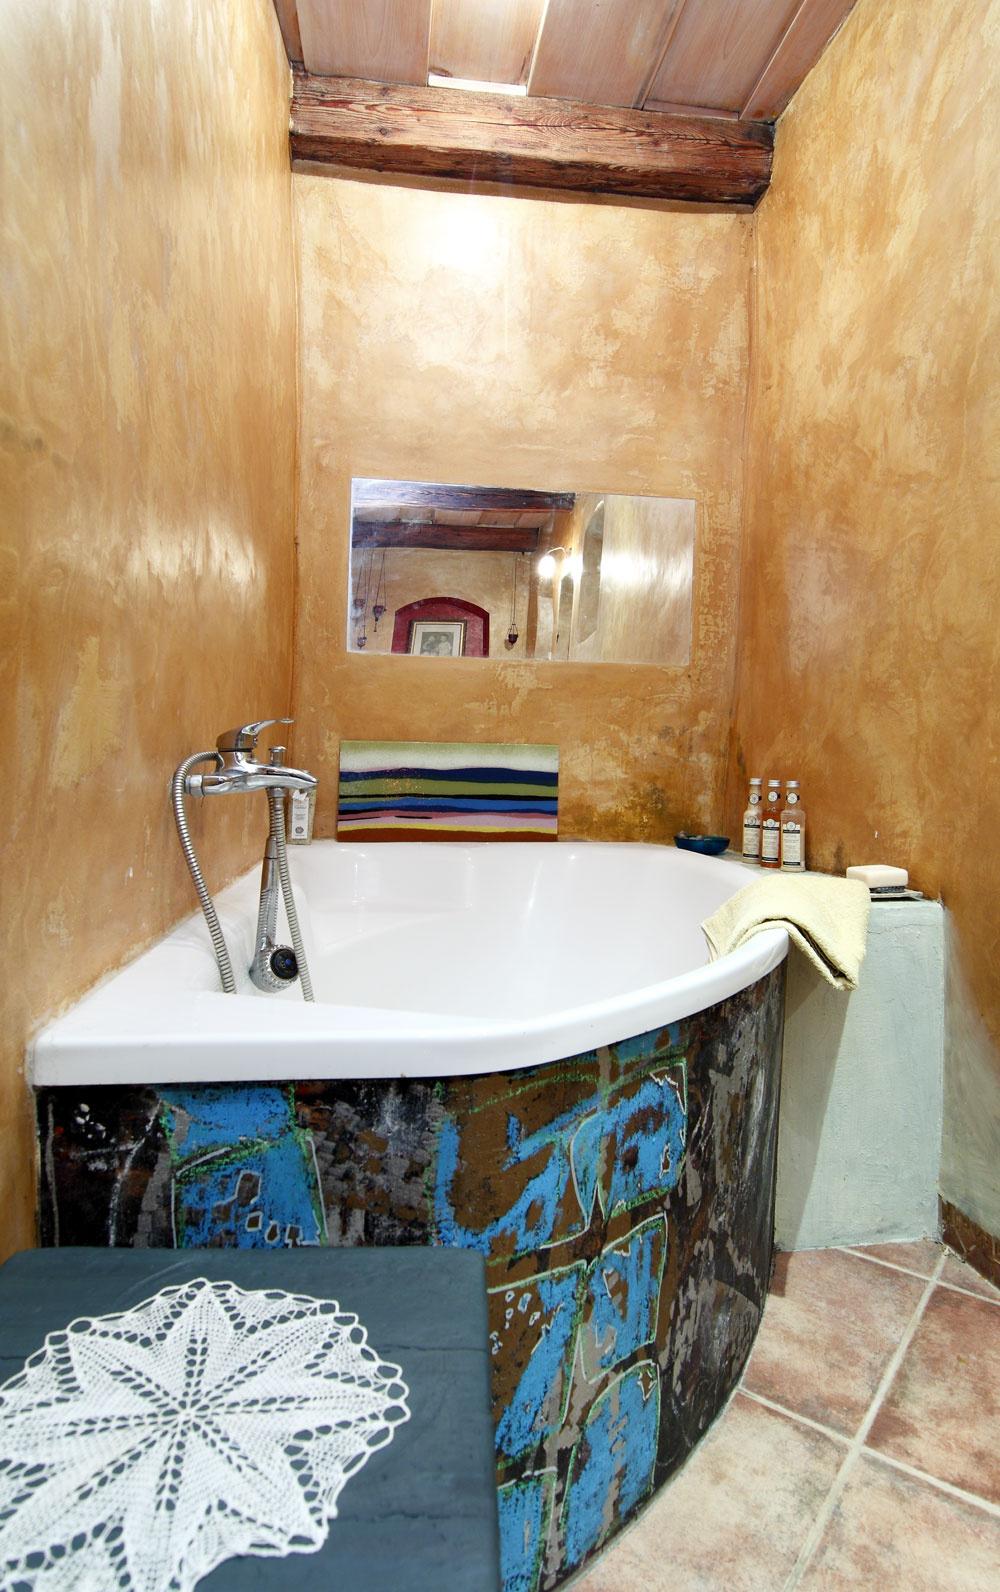 Kúpeľňové farebnosti Vzadnom trakte, ktorý pribudol až niekedy začiatkom 20. storočia apôvodne slúžil na skladovanie potravín adreva na vykurovanie, majú teraz domáci príjemnú kúpeľňu. Umelecké sklony súčasných obyvateľov domu sa prejavili nielen patinovanou maľovkou, ale aj štýlovým obkladom vane.